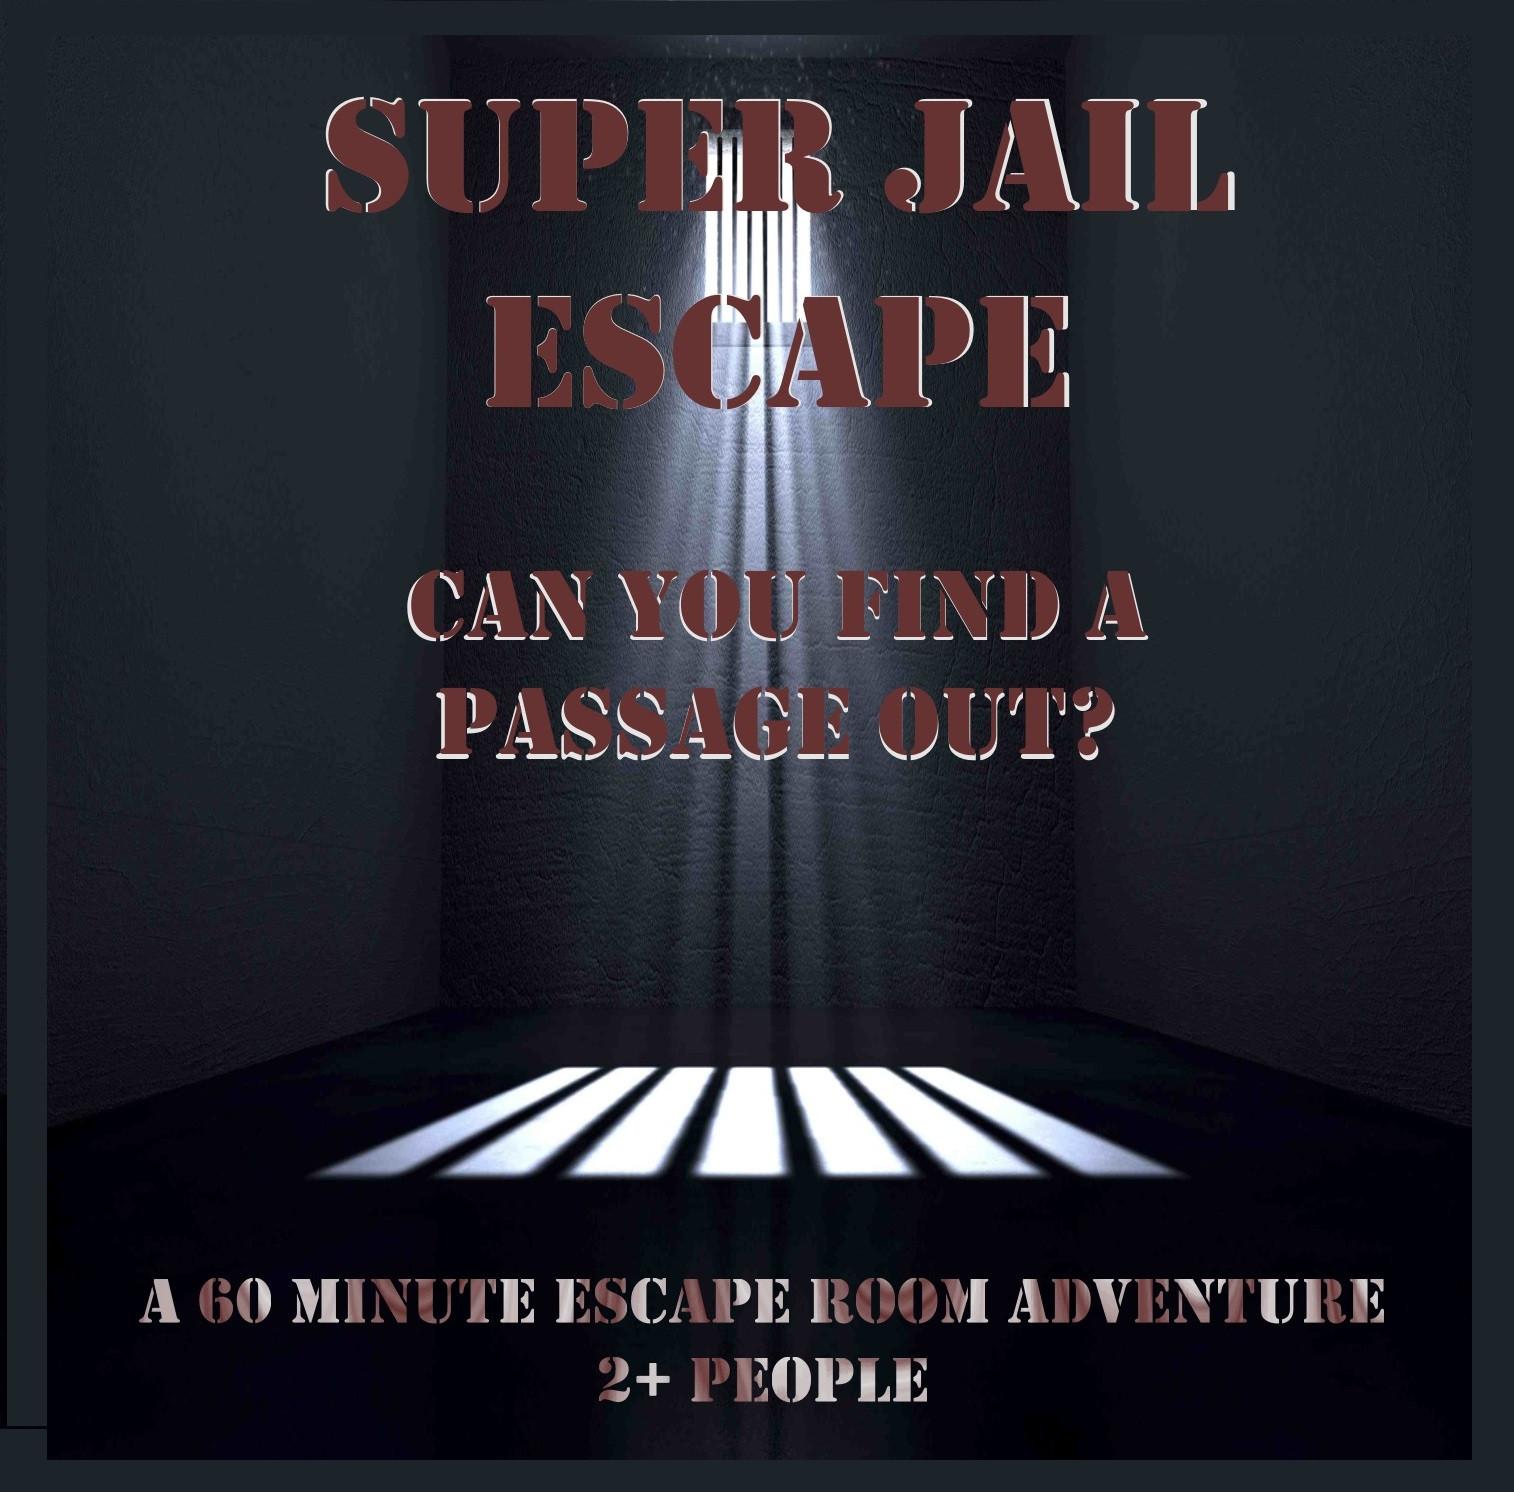 Super Jail Escape